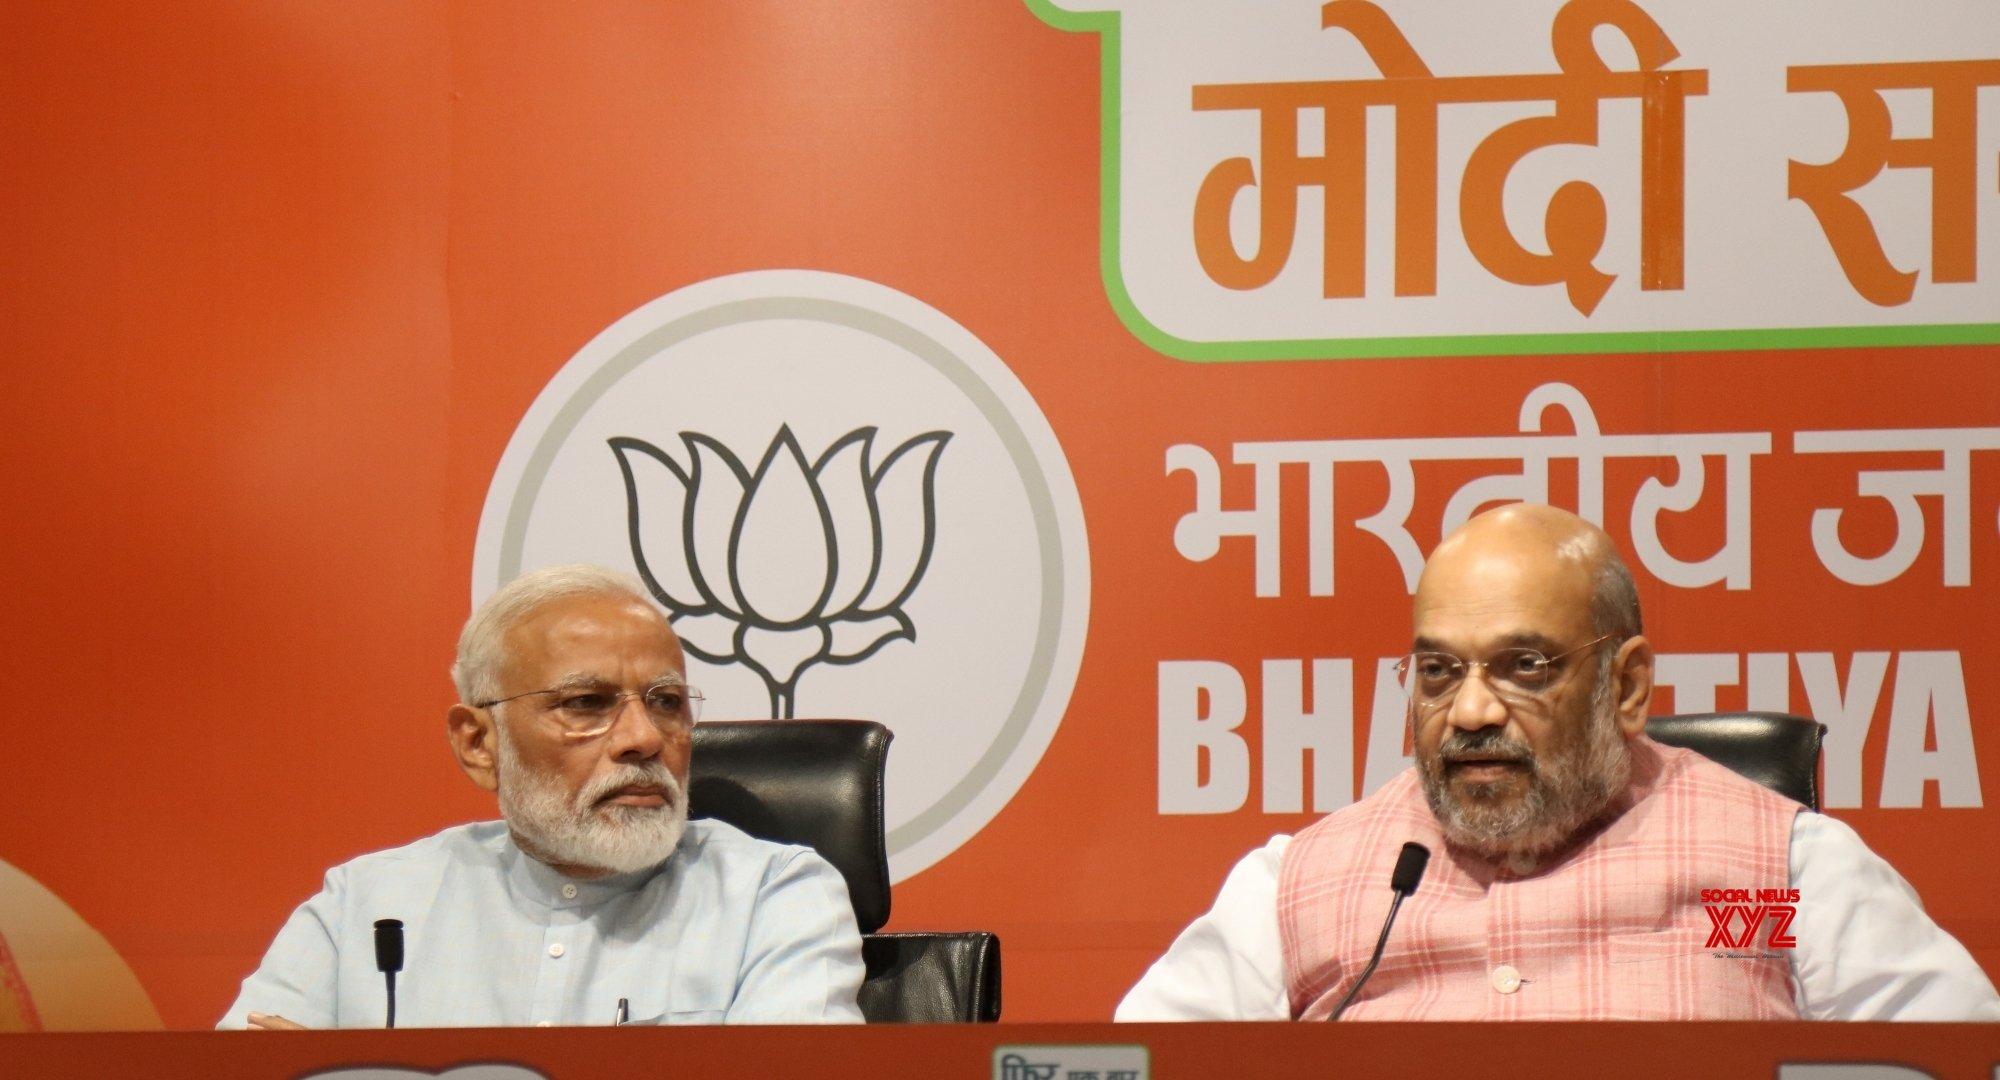 New Delhi: PM Modi, Amit Shah at a press conferenc #Gallery